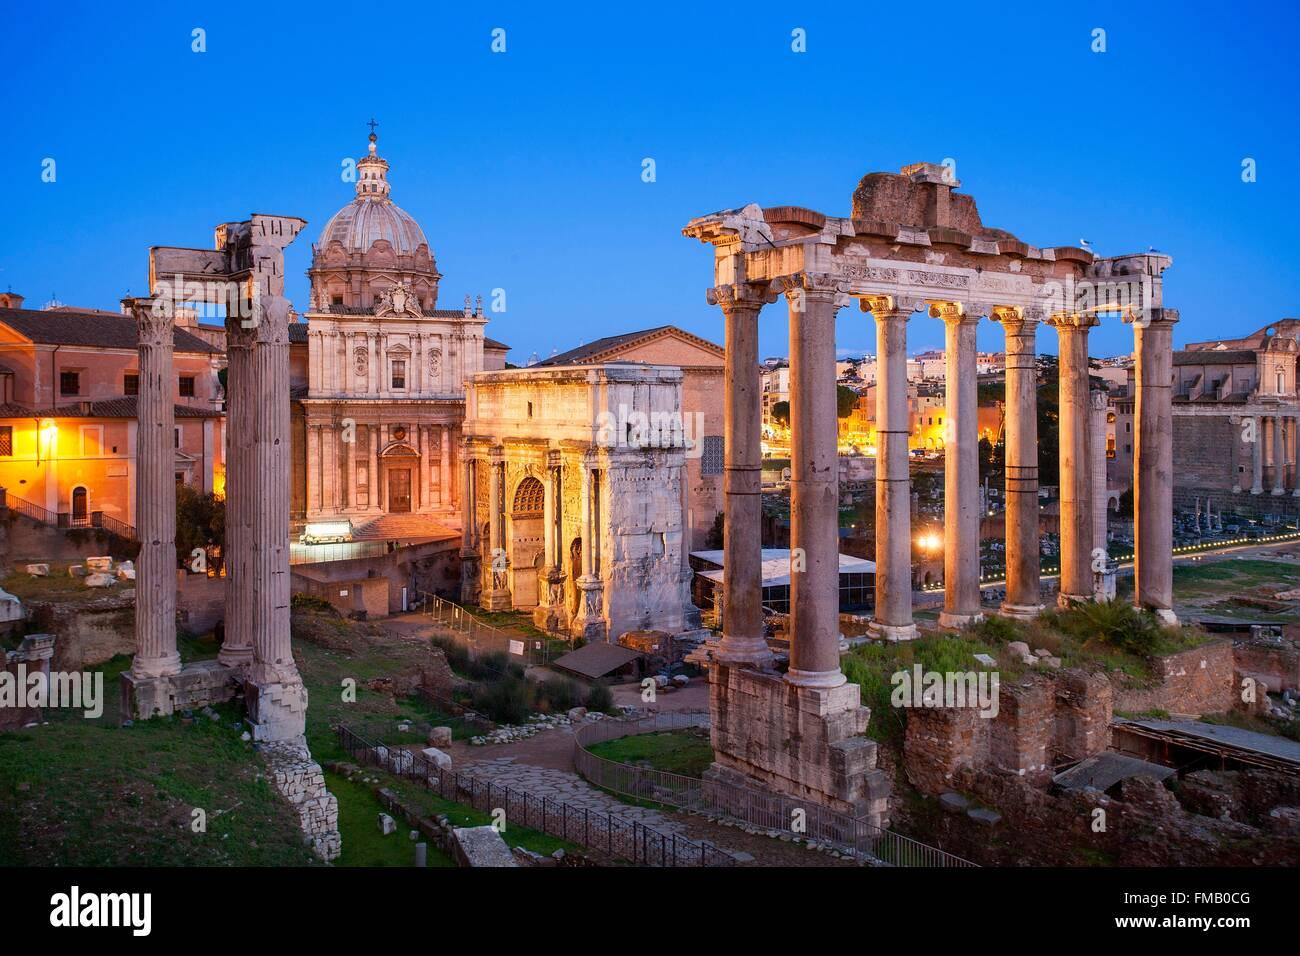 Italien, Latium, Rom, Altstadt Weltkulturerbe der UNESCO, das Forum Romanum und der Bogen des Septimius Severus Stockbild